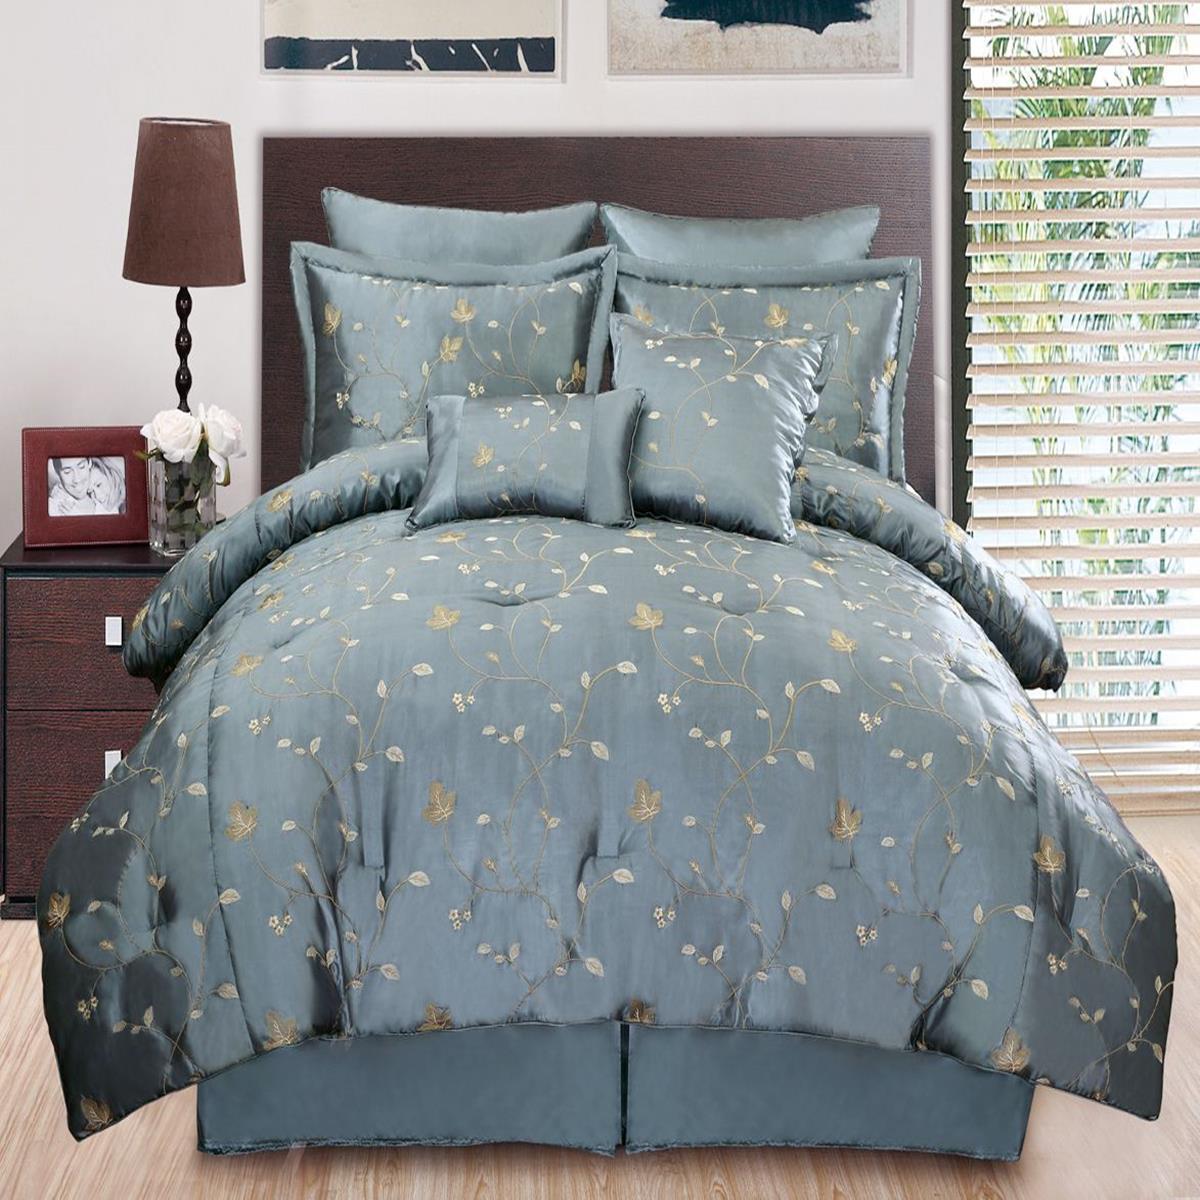 chester embroidered king blue gold 8 piece comforter bed in a bag set ebay. Black Bedroom Furniture Sets. Home Design Ideas